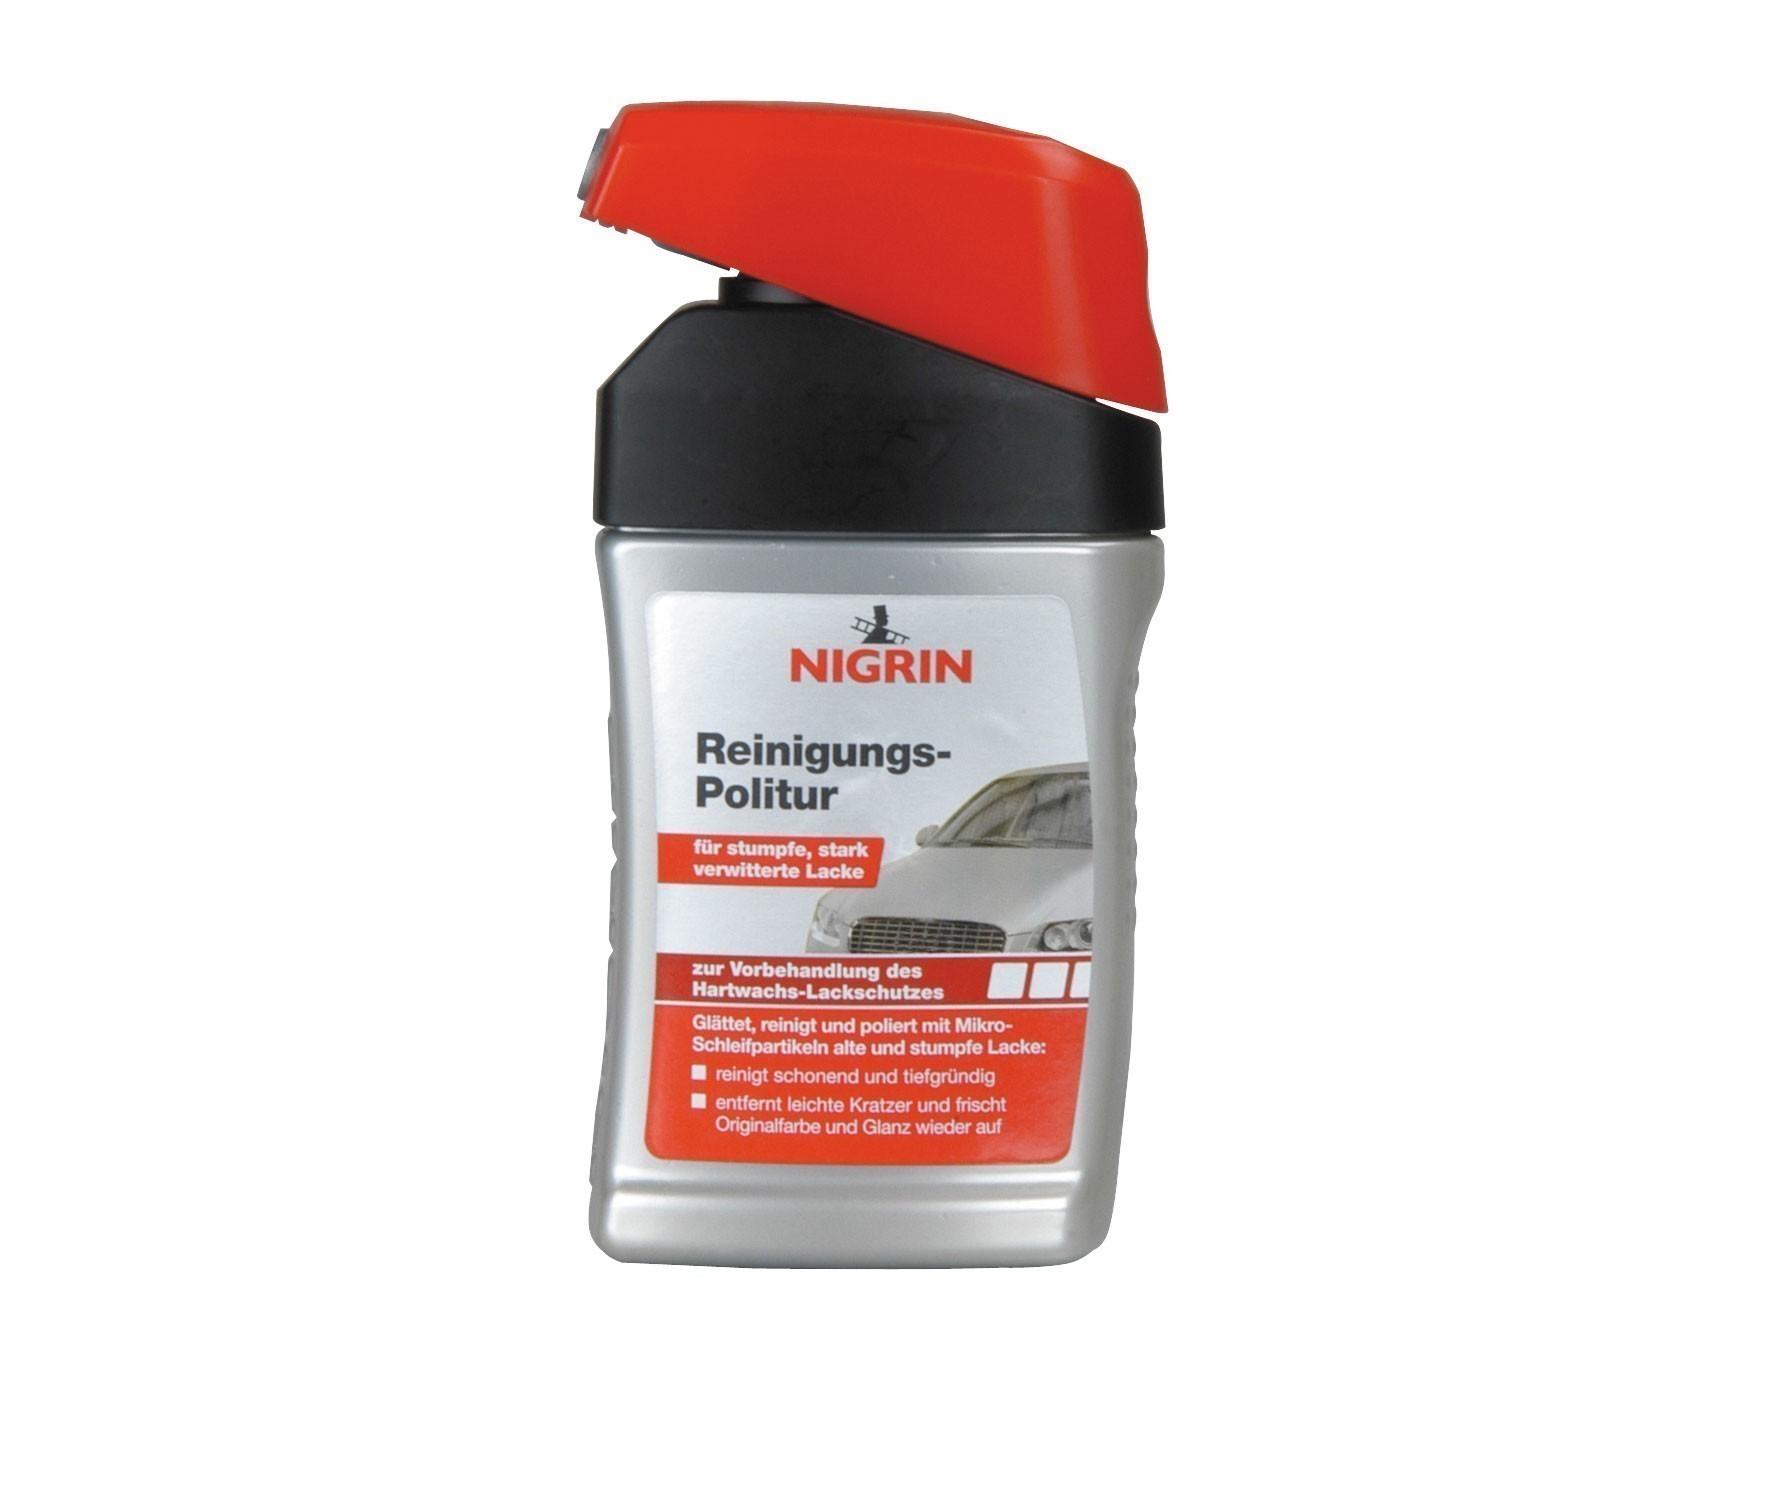 Nigrin Lackpflege Reinigungs-Politur 300ml Bild 1